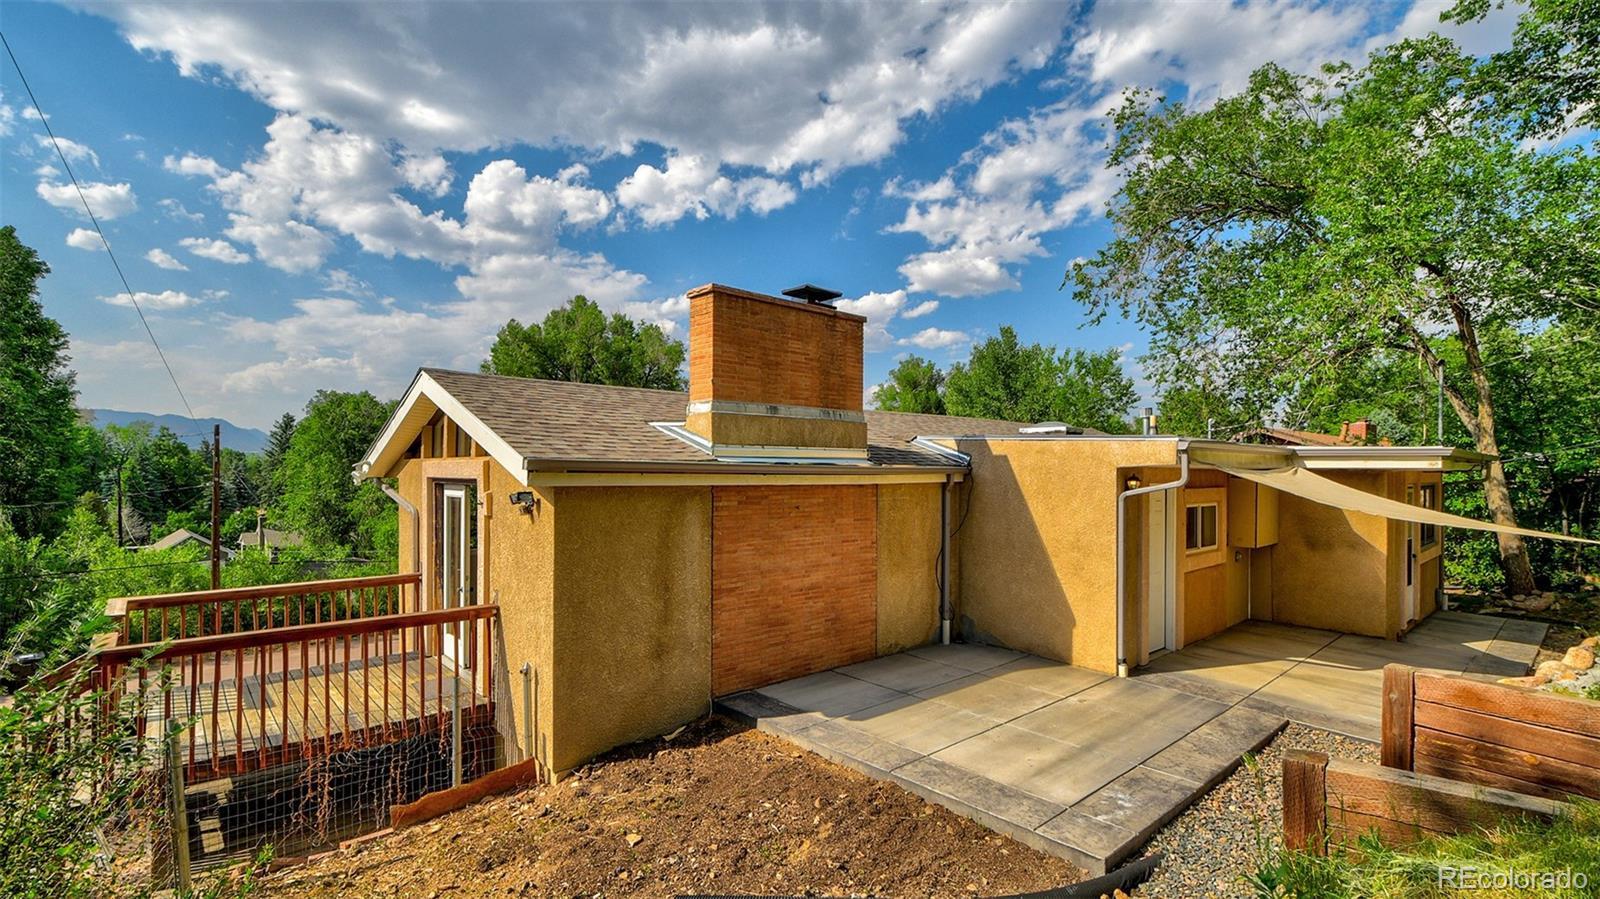 MLS# 9508808 - 37 - 417 Valley Way, Colorado Springs, CO 80906